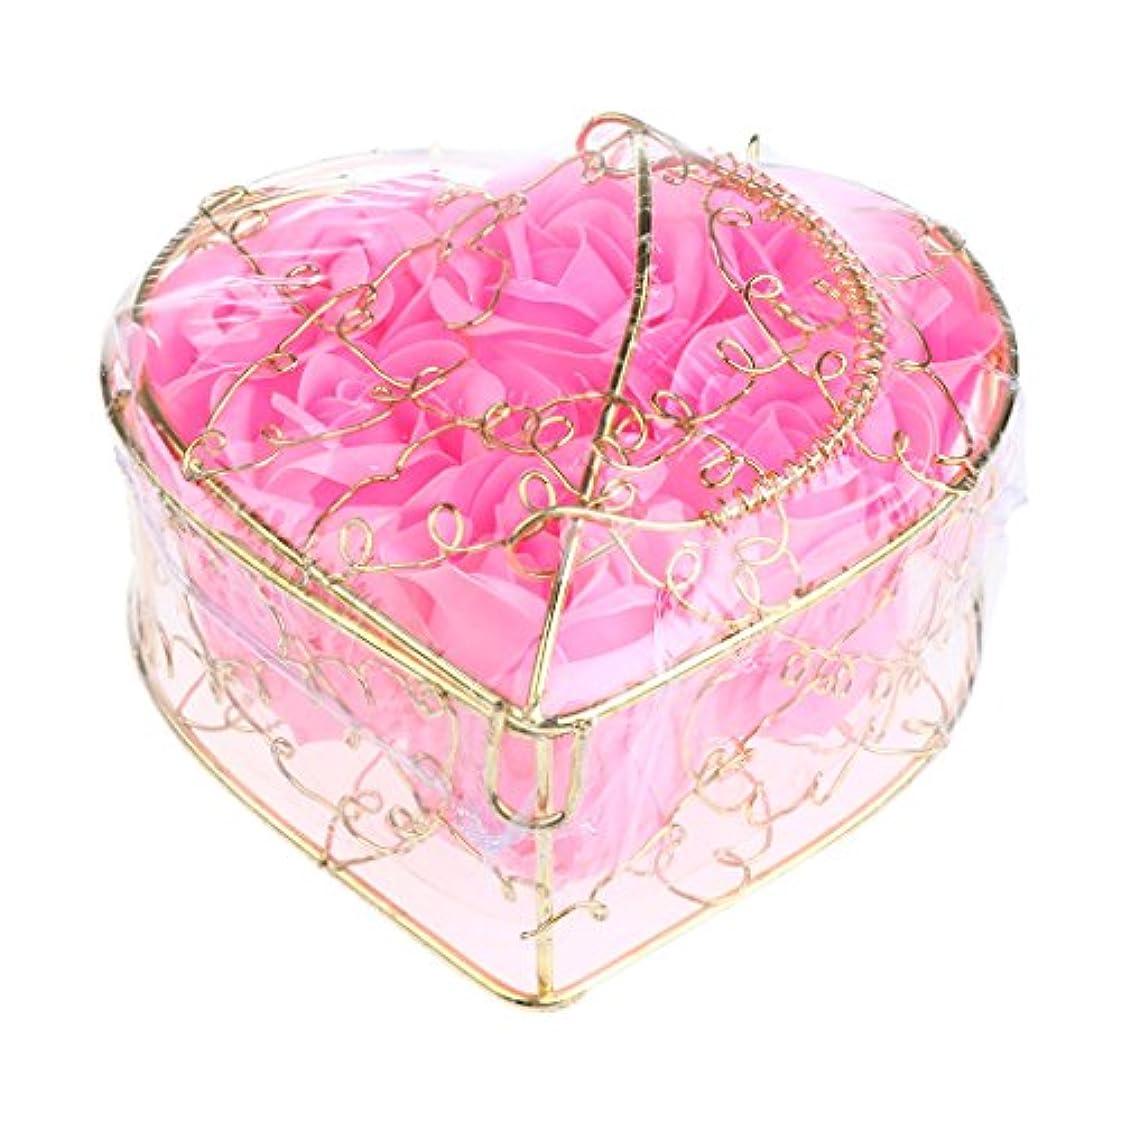 ビデオアプローチ薬理学Kesoto 6個 石鹸の花 バラ 石鹸の花びら 母の日 ギフトボックス ロマンチック 全5タイプ選べる - ピンク